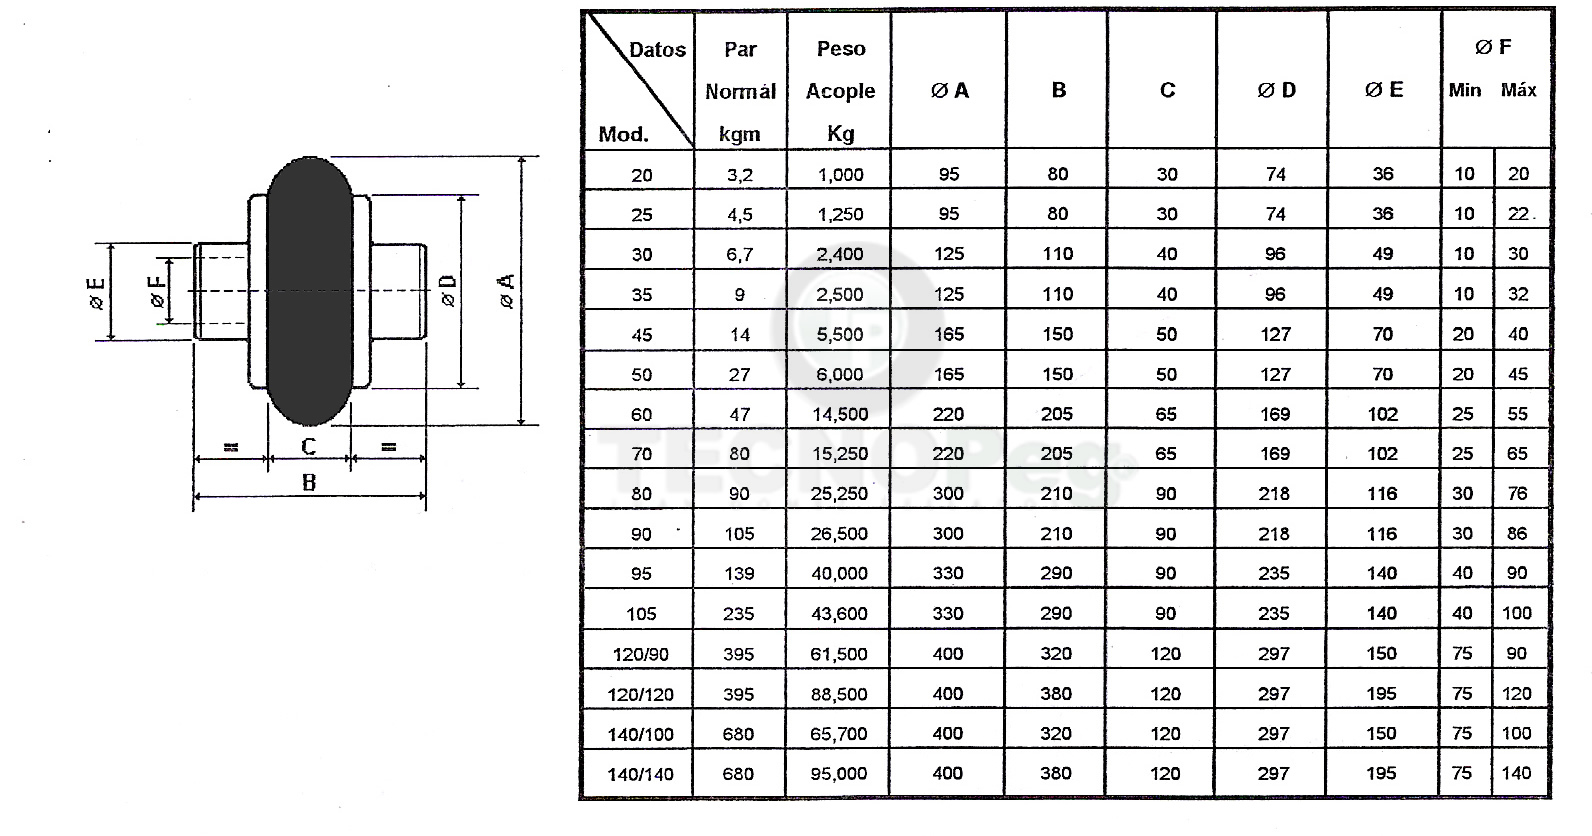 Tabla 3 Datos técnicos